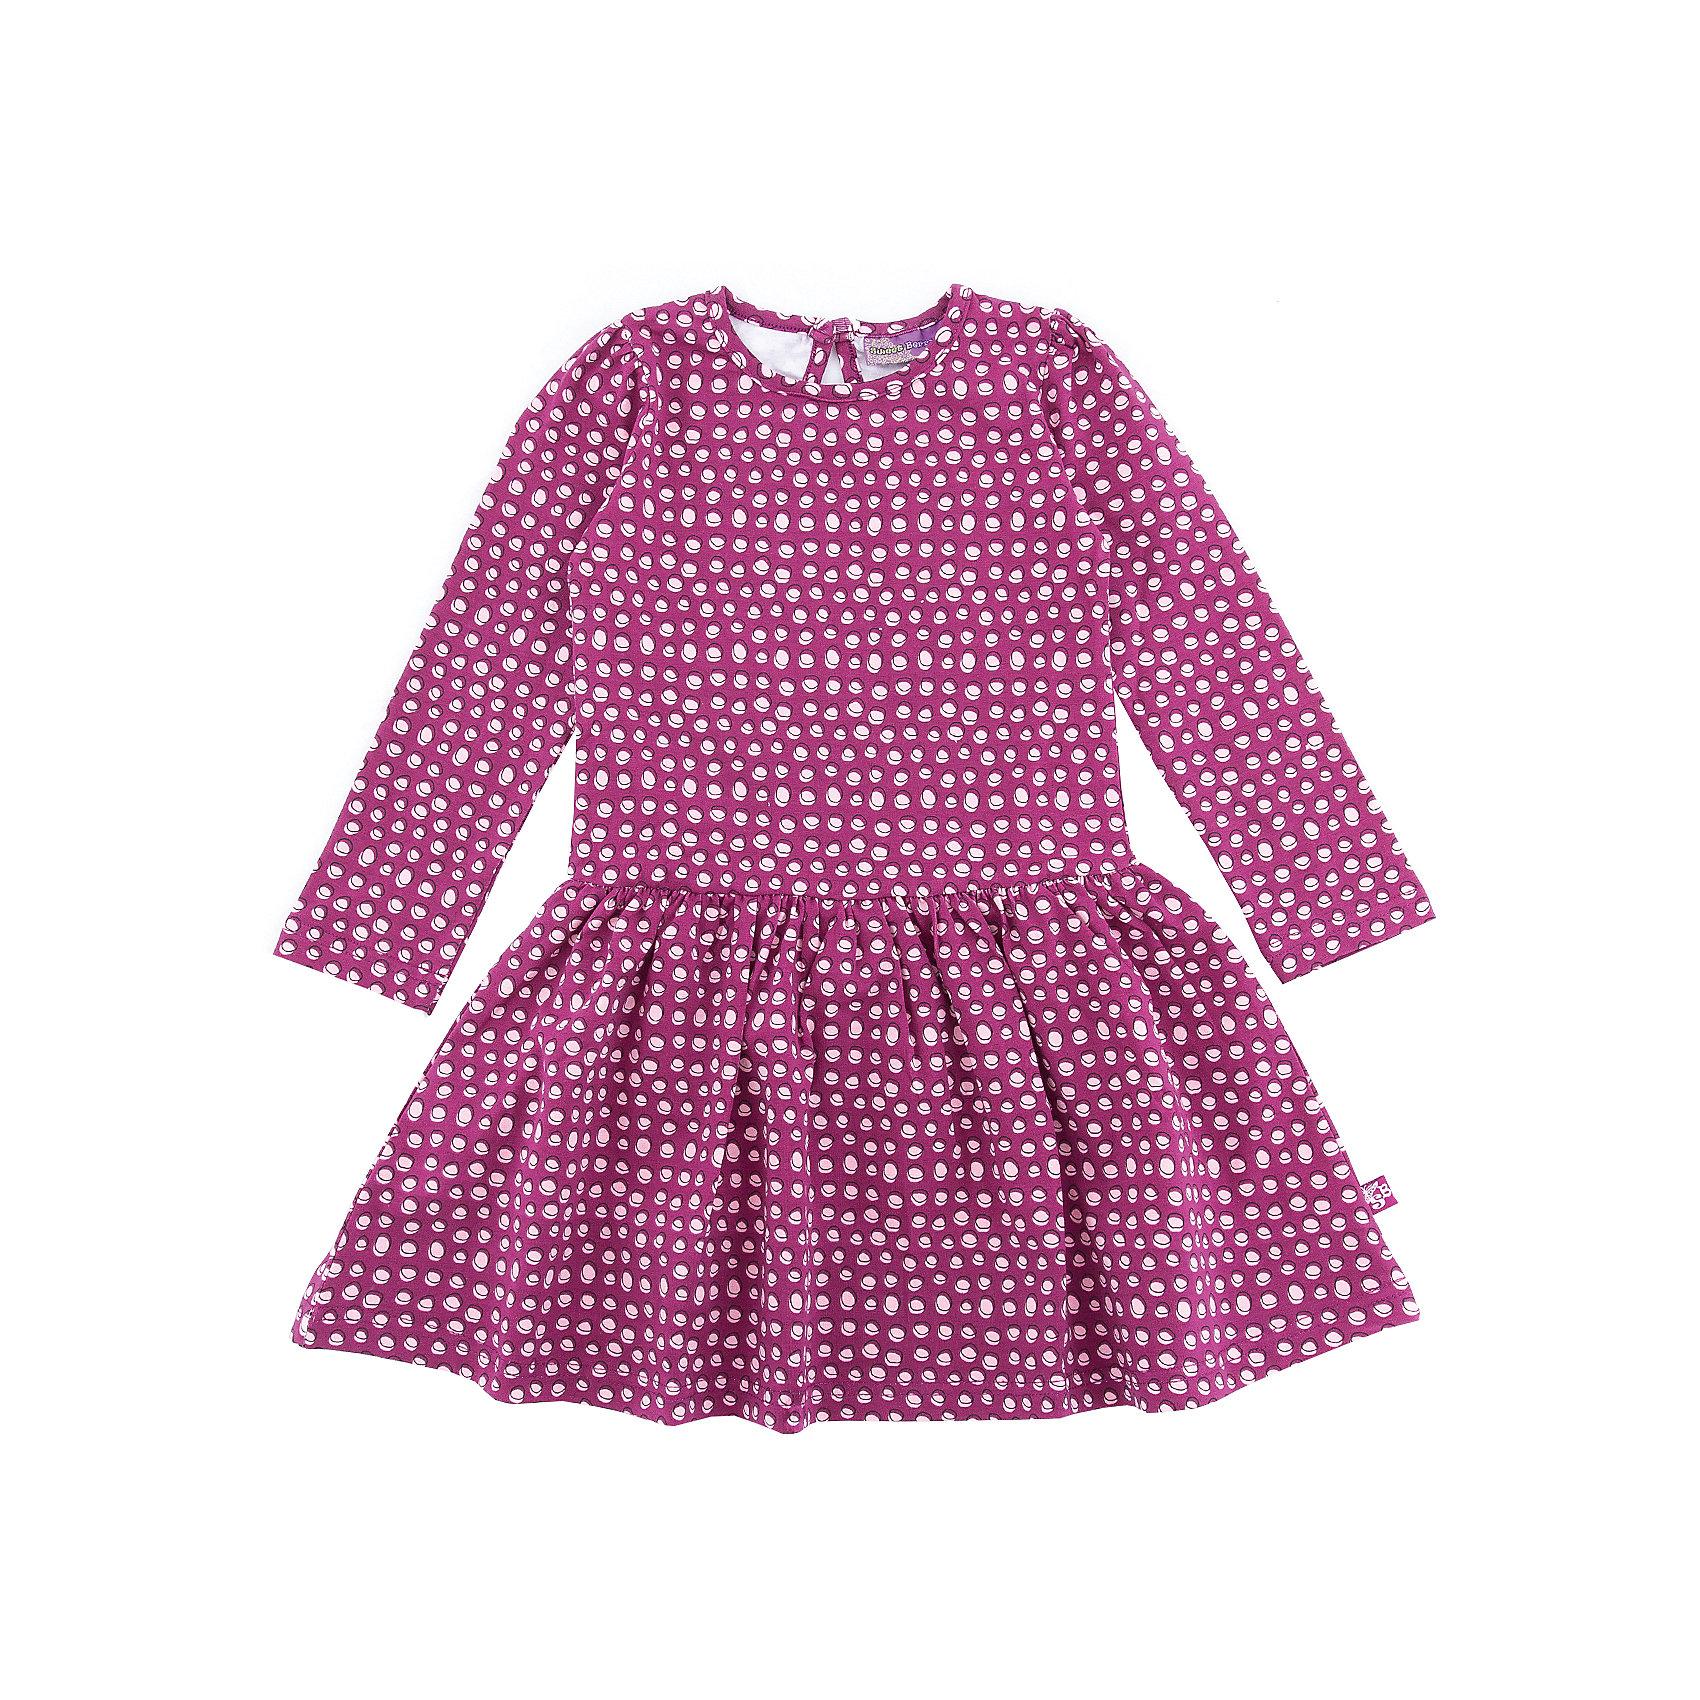 Платье Sweet Berry для девочкиОсенне-зимние платья и сарафаны<br>Платье Sweet Berry для девочки<br><br>Состав:<br>95% хлопок, 5% эластан<br><br>Ширина мм: 236<br>Глубина мм: 16<br>Высота мм: 184<br>Вес г: 177<br>Цвет: лиловый<br>Возраст от месяцев: 84<br>Возраст до месяцев: 96<br>Пол: Женский<br>Возраст: Детский<br>Размер: 128,98,104,110,116,122<br>SKU: 7096858